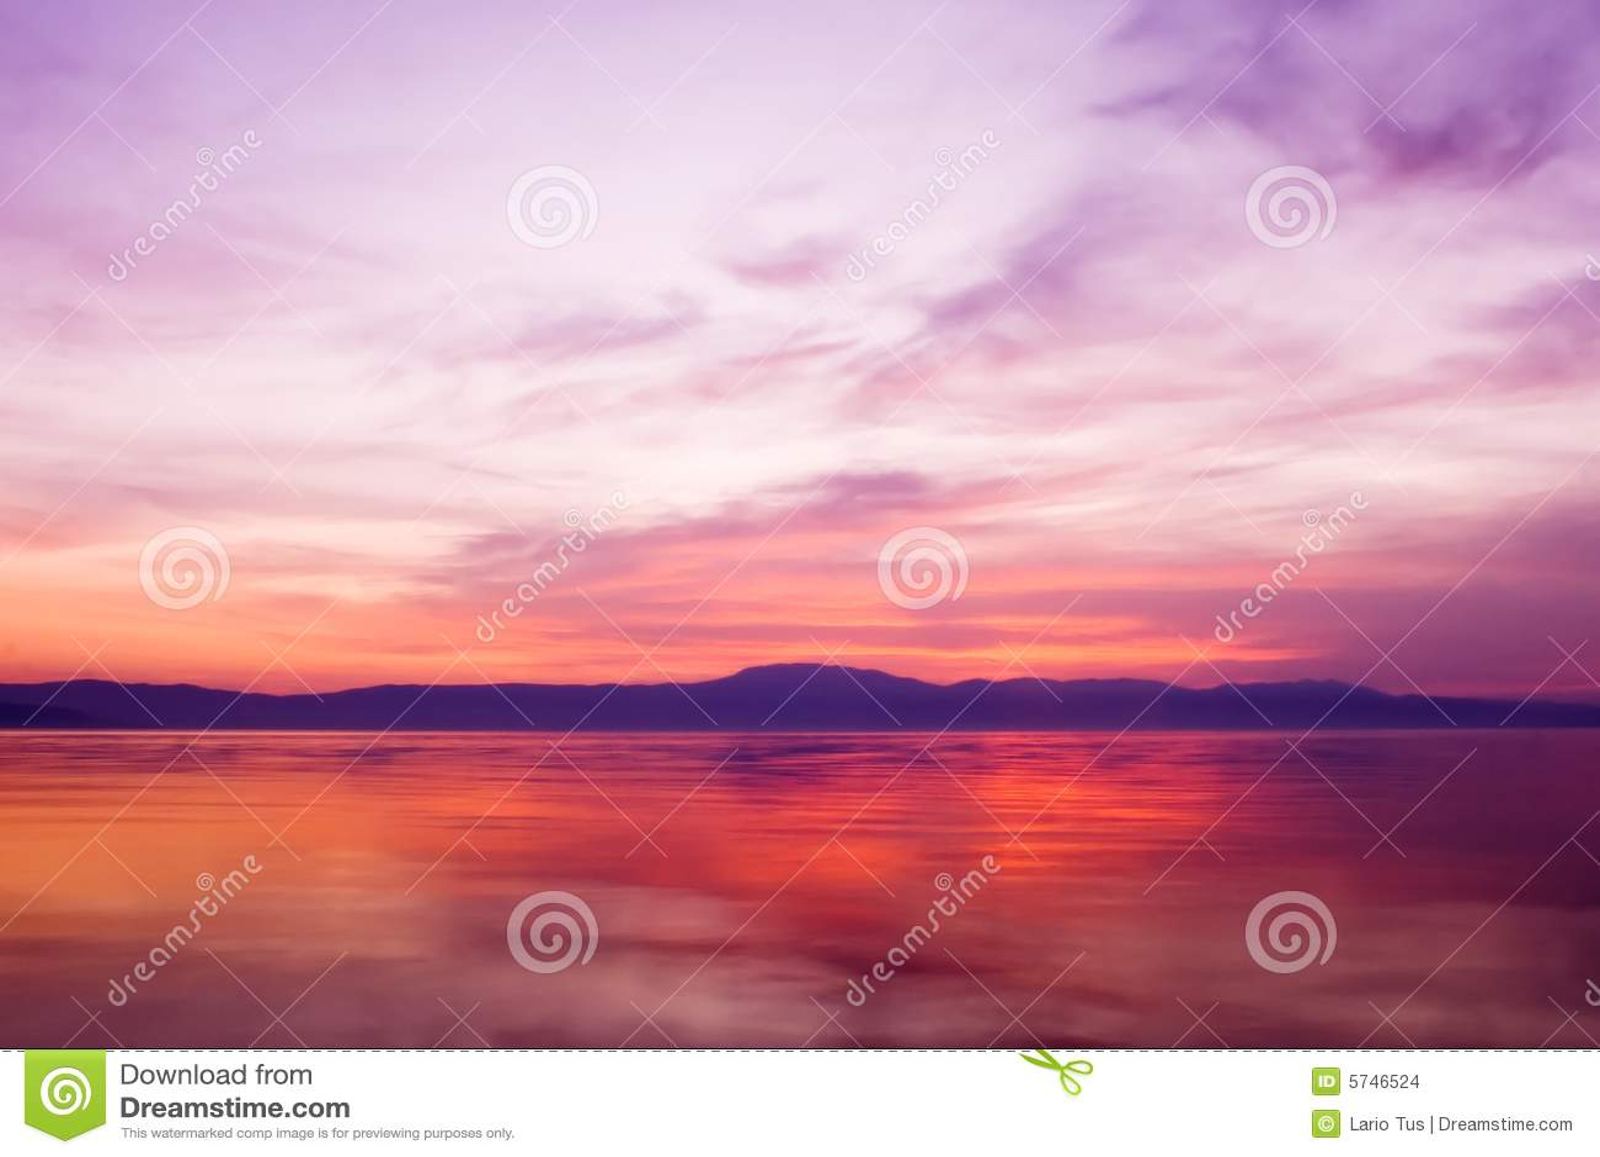 Puesta del sol sobre el agua del océano